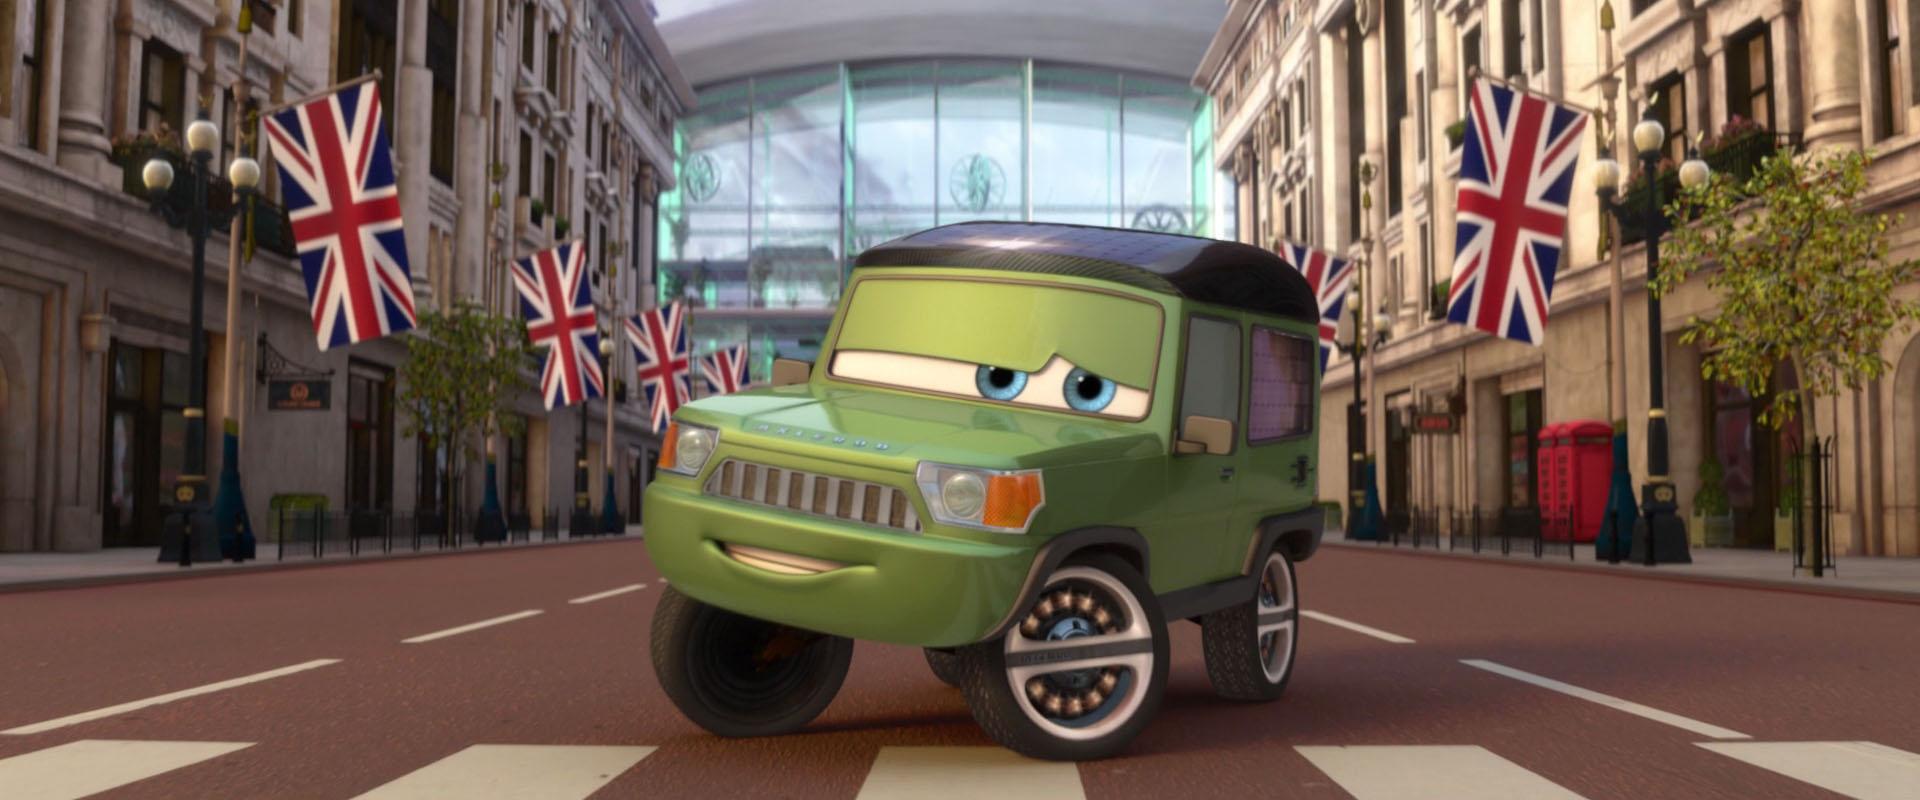 miles-axlerod-personnage-cars-2-01.jpg